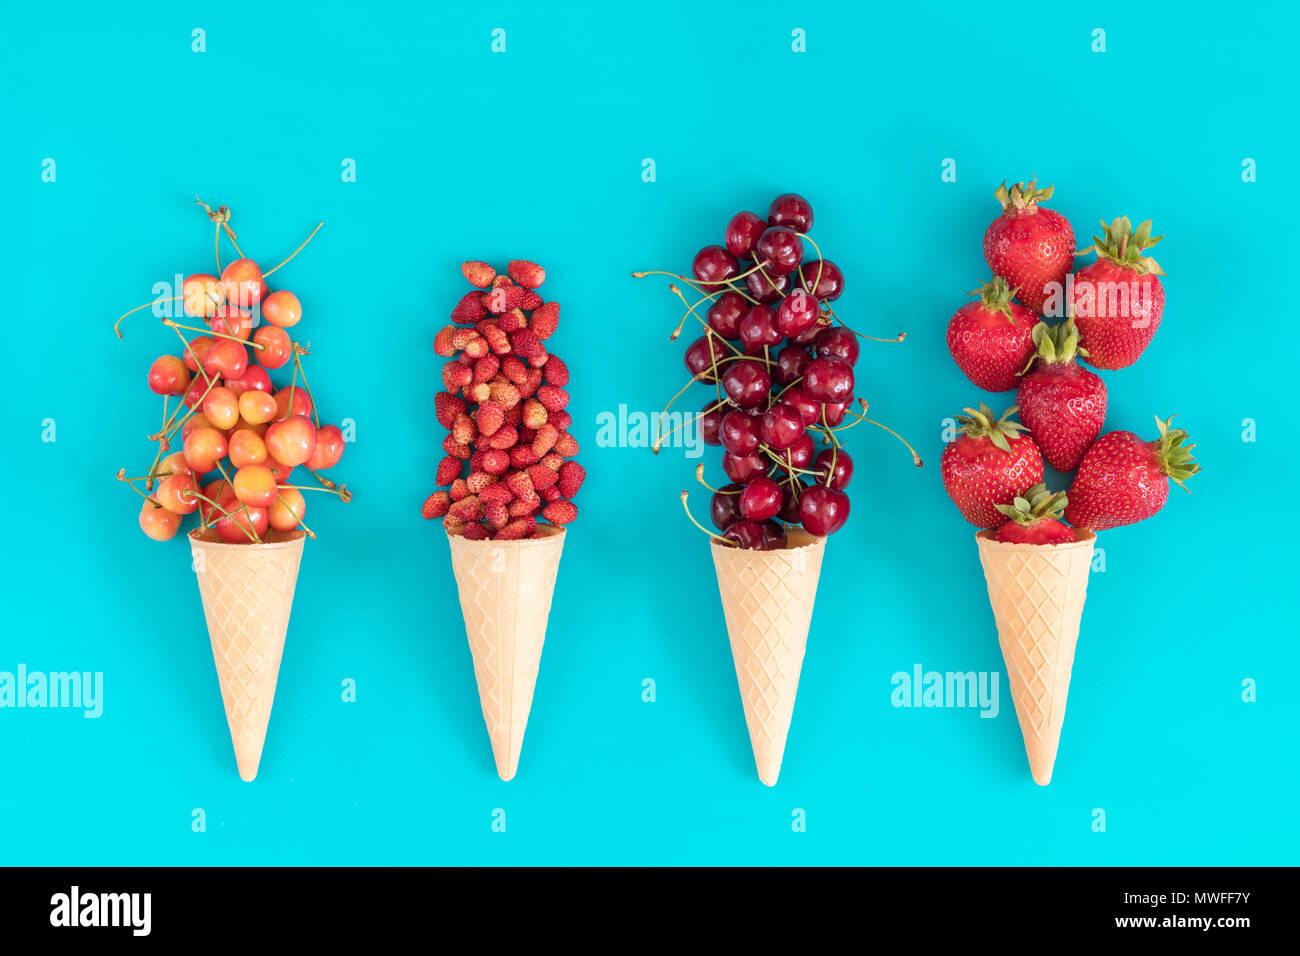 Quatre cônes alvéolés avec cerises rouges, des fraises, cerises, et strawberryes jaune sur bleu surface. Mise à plat, vue du dessus un aliment sucré. Photo Stock